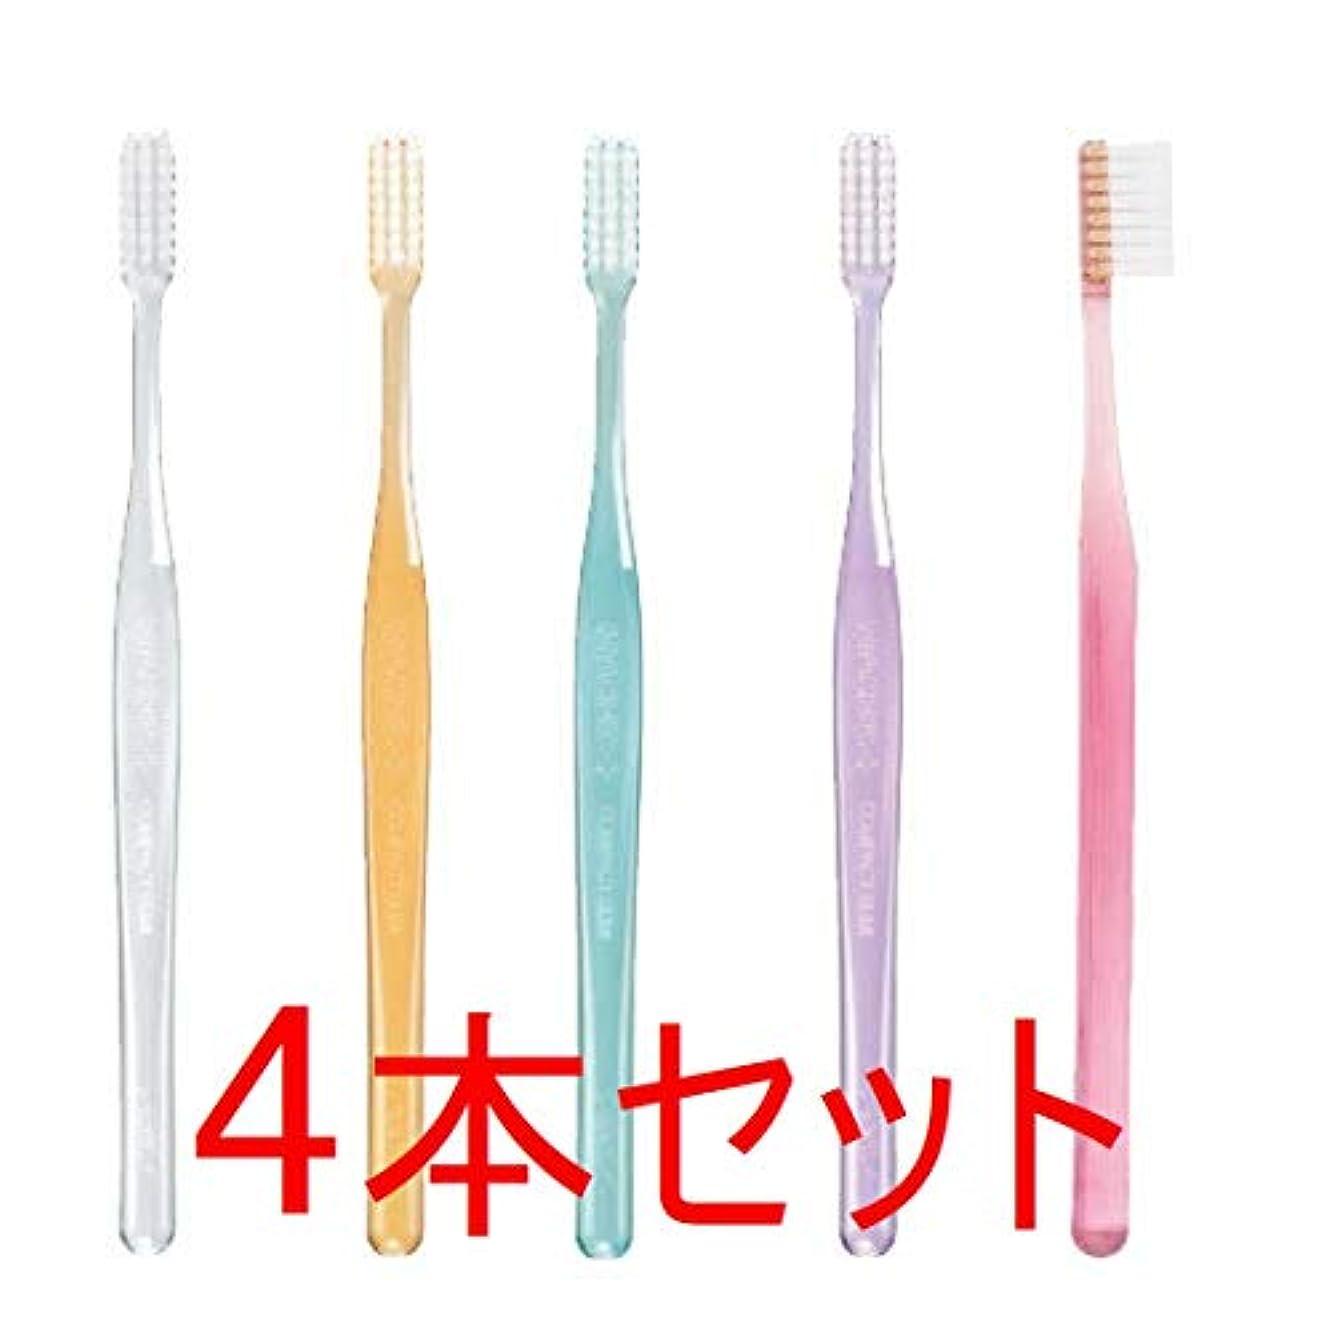 凍る補う不正確GC プロスペック 歯ブラシ プラス コンパクトスリム 4本 クリアー色 (M(ふつう), おまかせ)